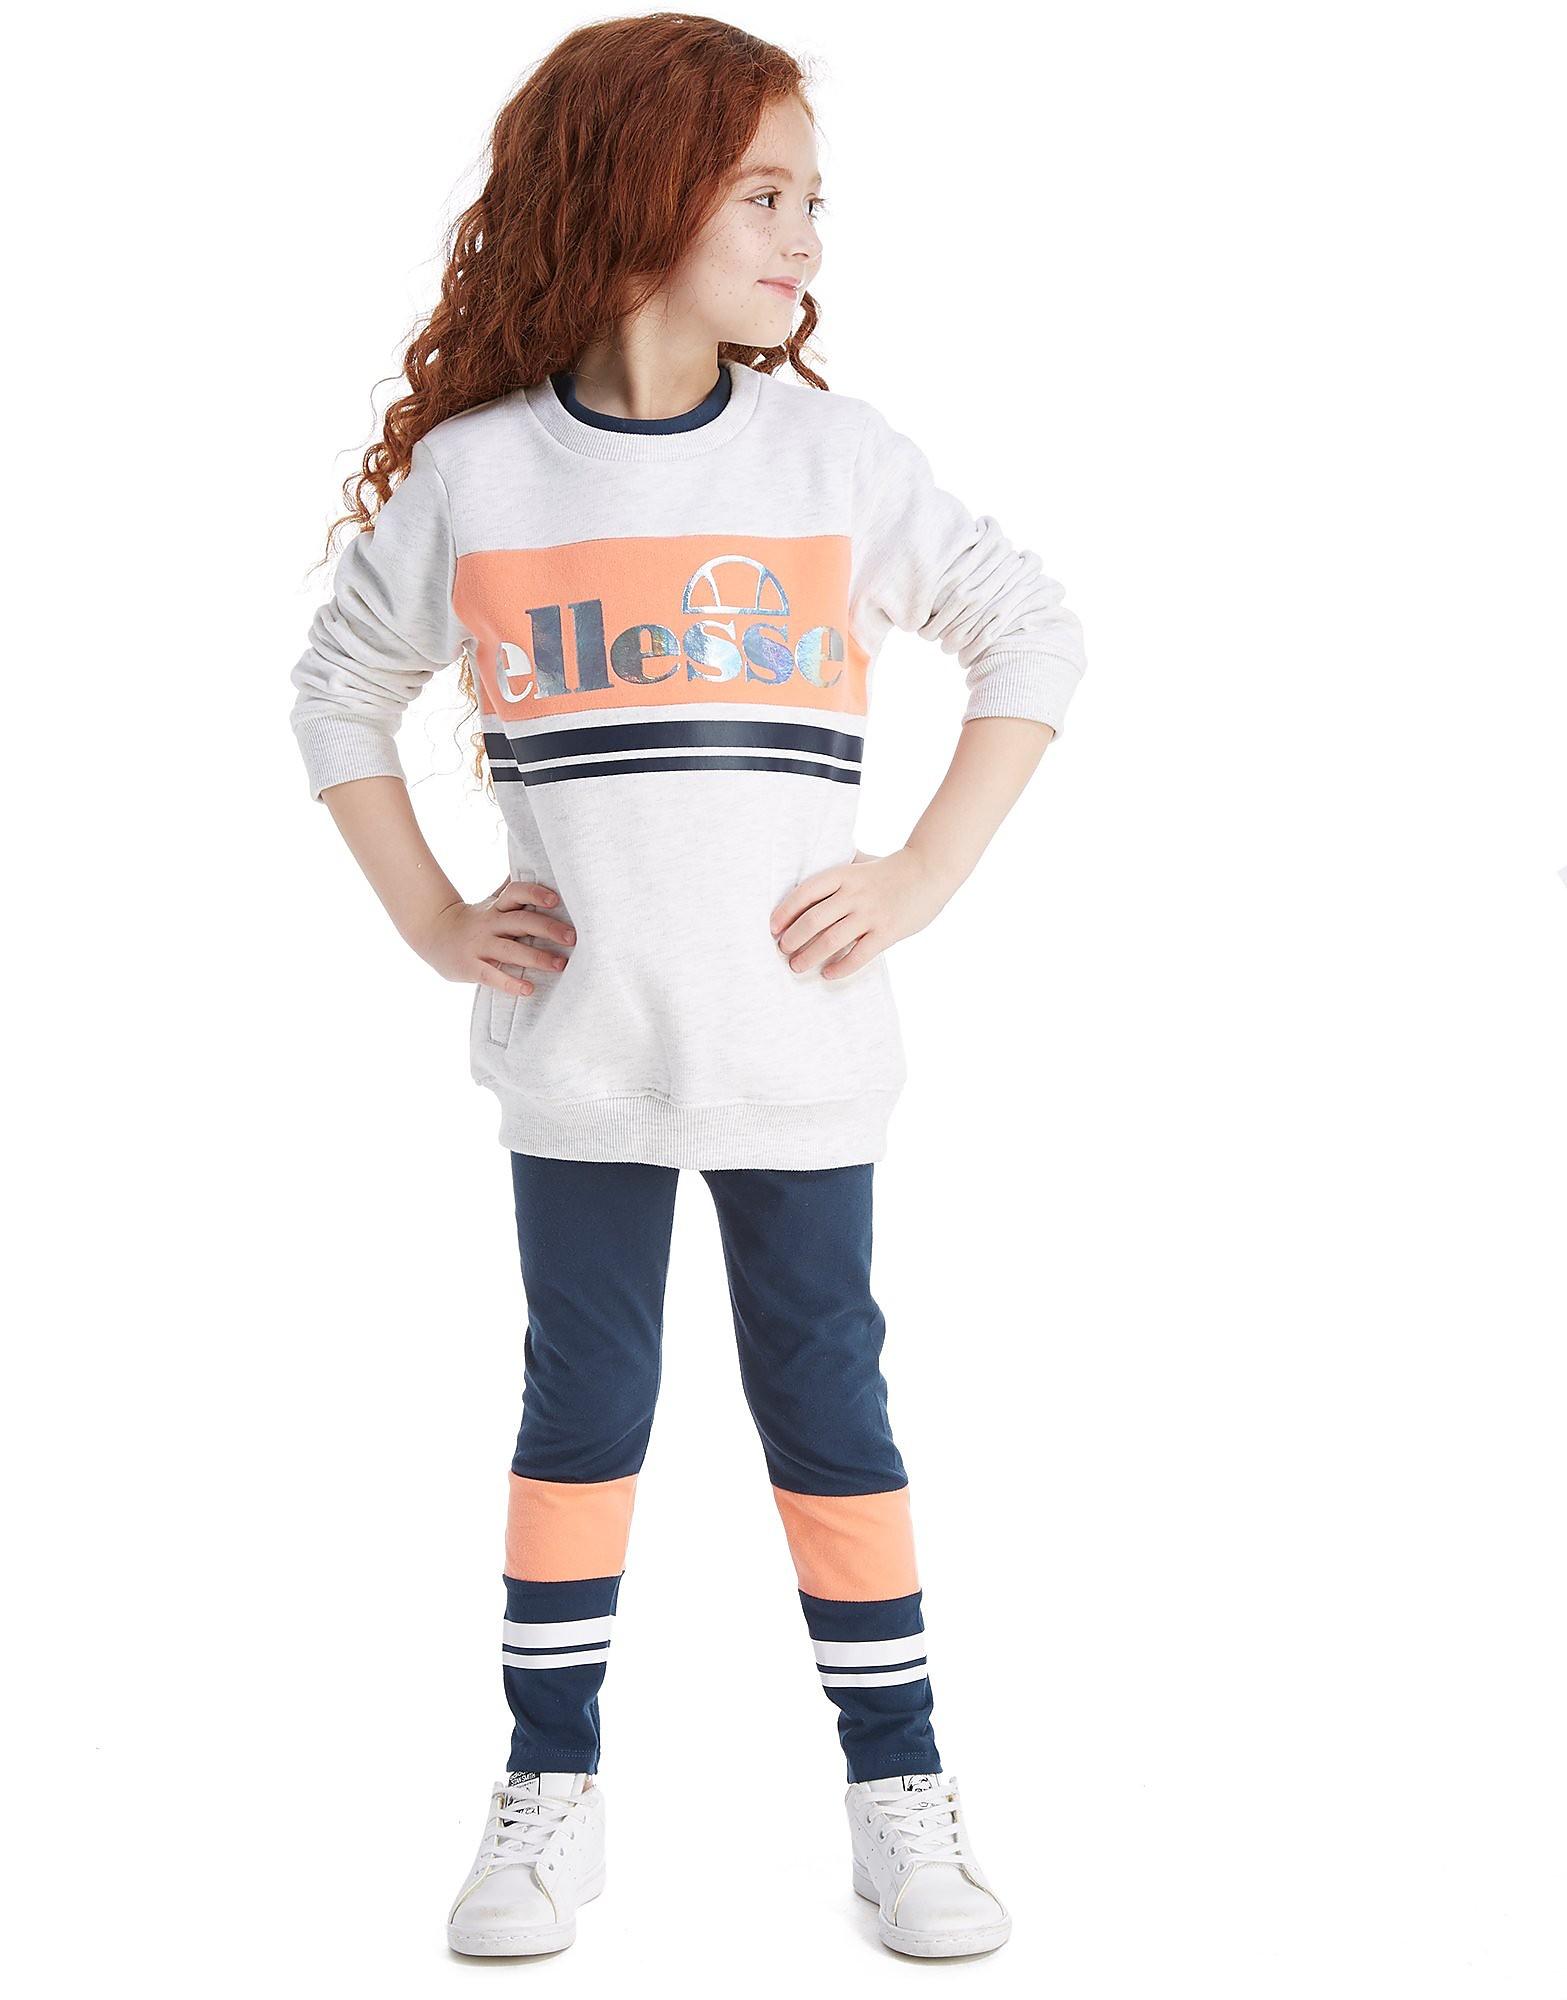 Ellesse Girls' Cricle Sweashirt/Leggings Set Children